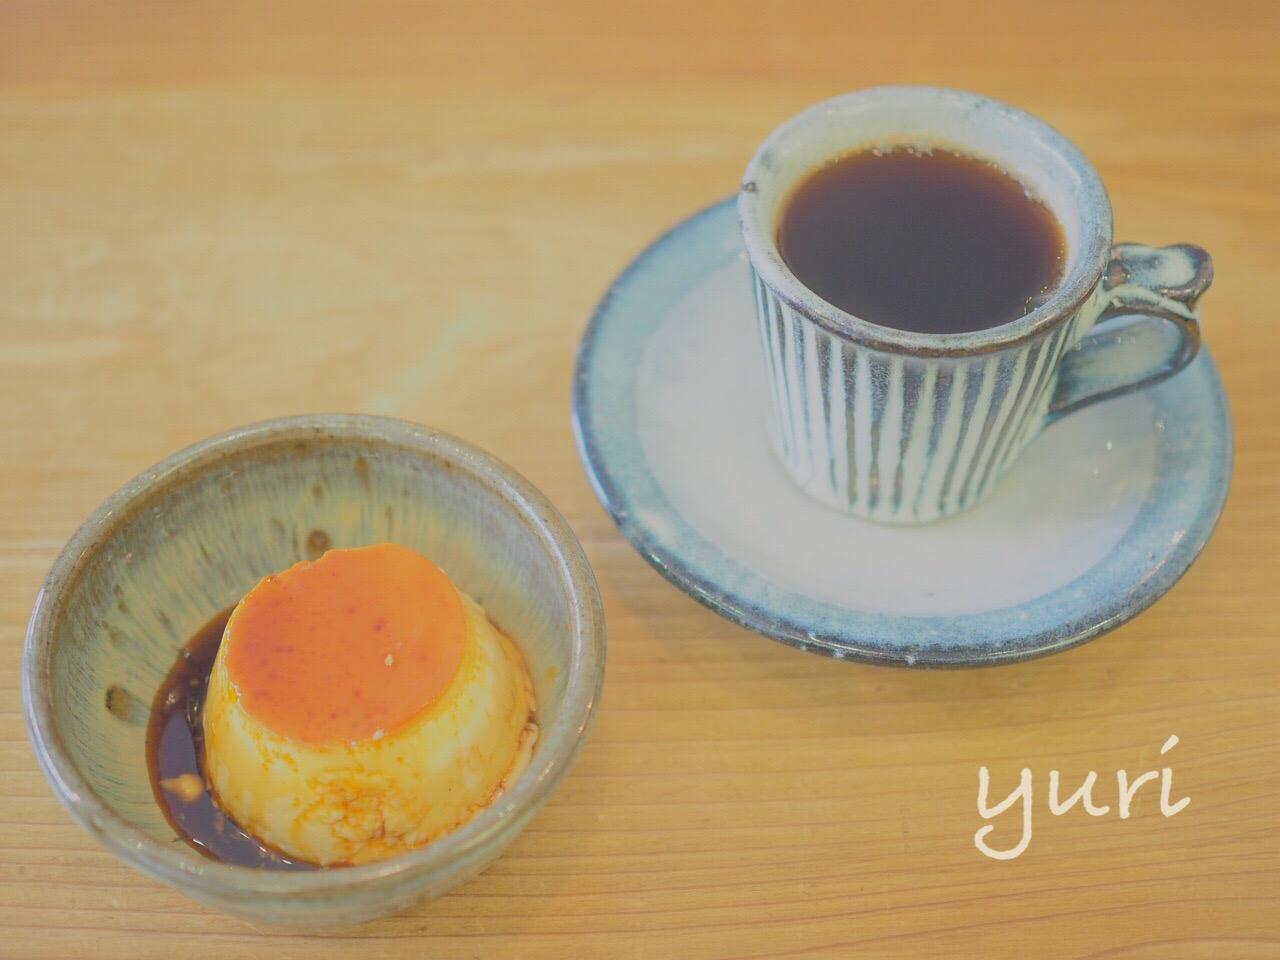 冬の京都でおすすめカフェ「鳥の木珈琲」に行ってきた